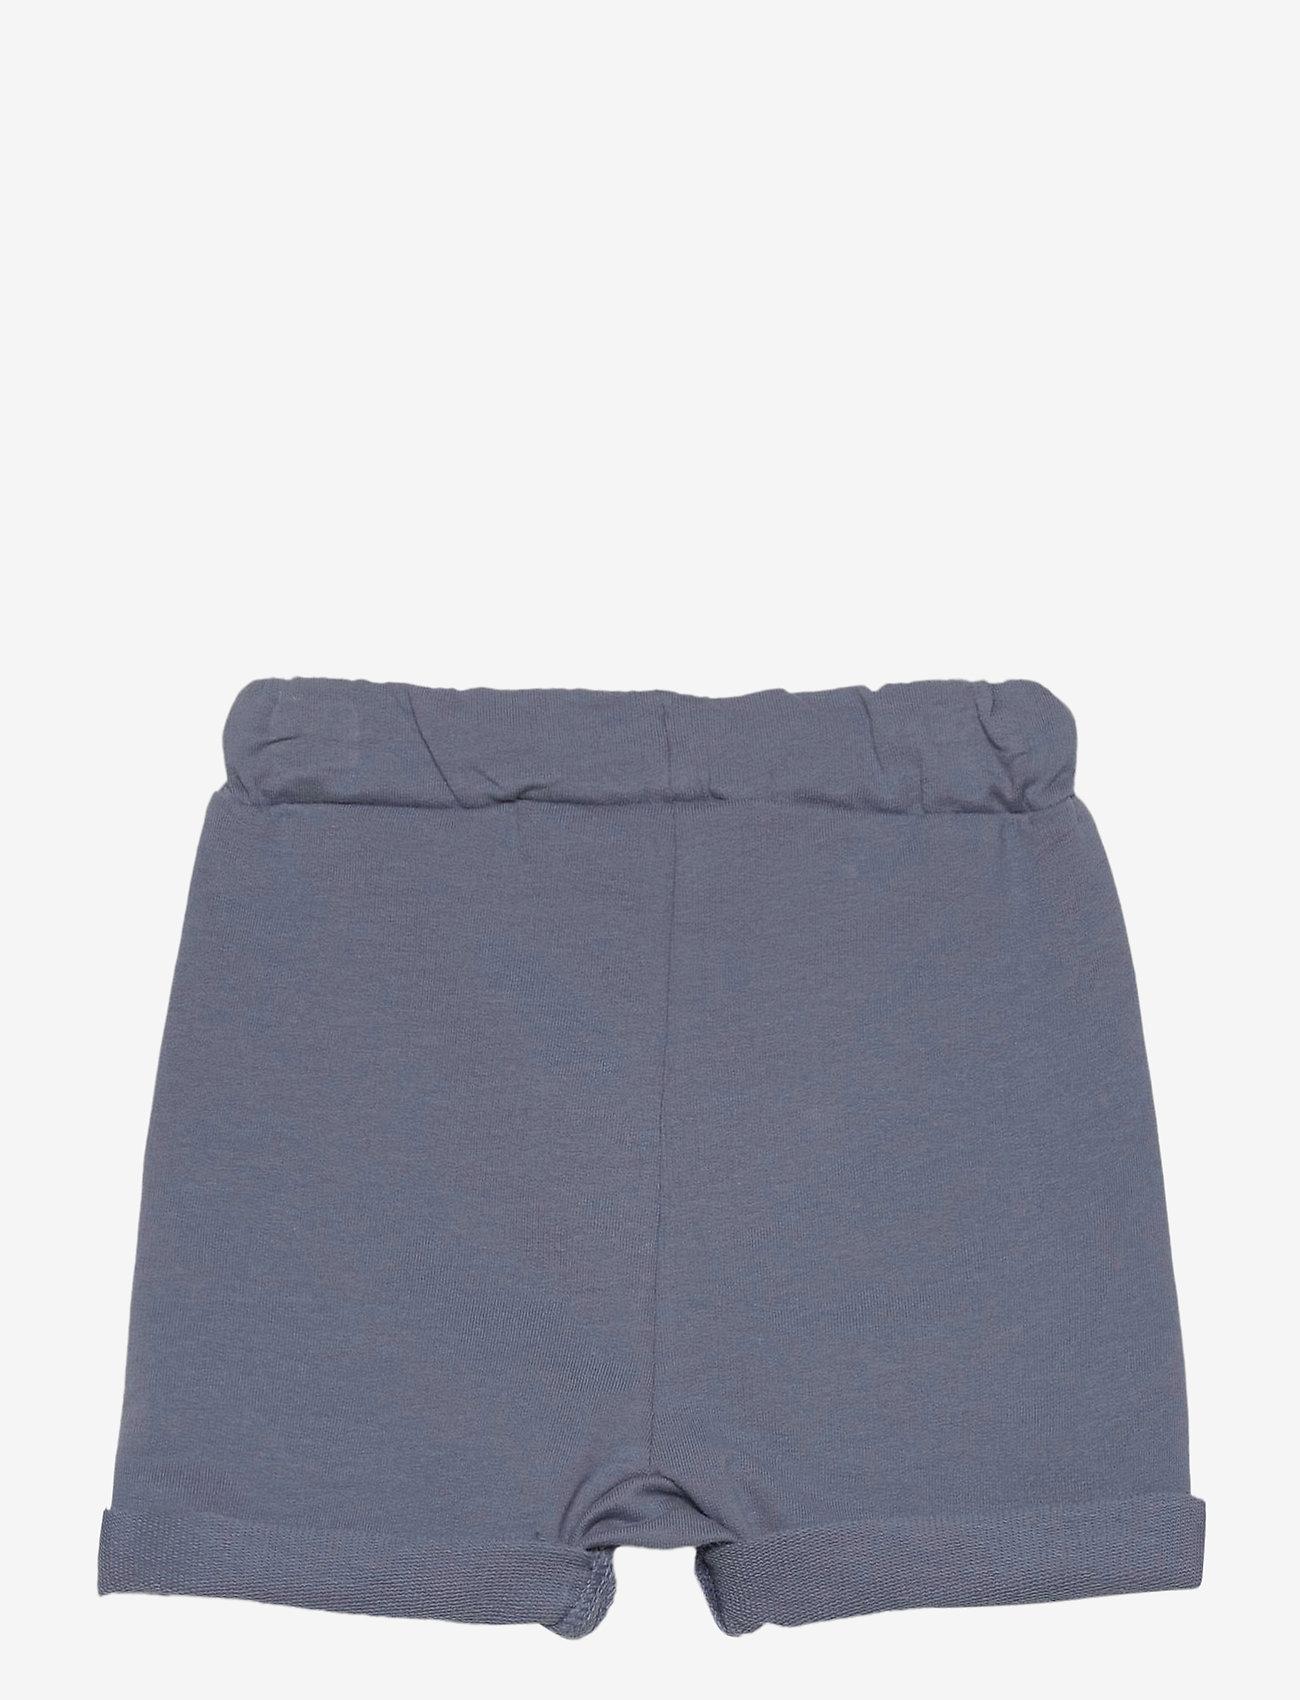 Lindex - Set wrap shorts jellyfish star - 2-delige sets - blue - 3